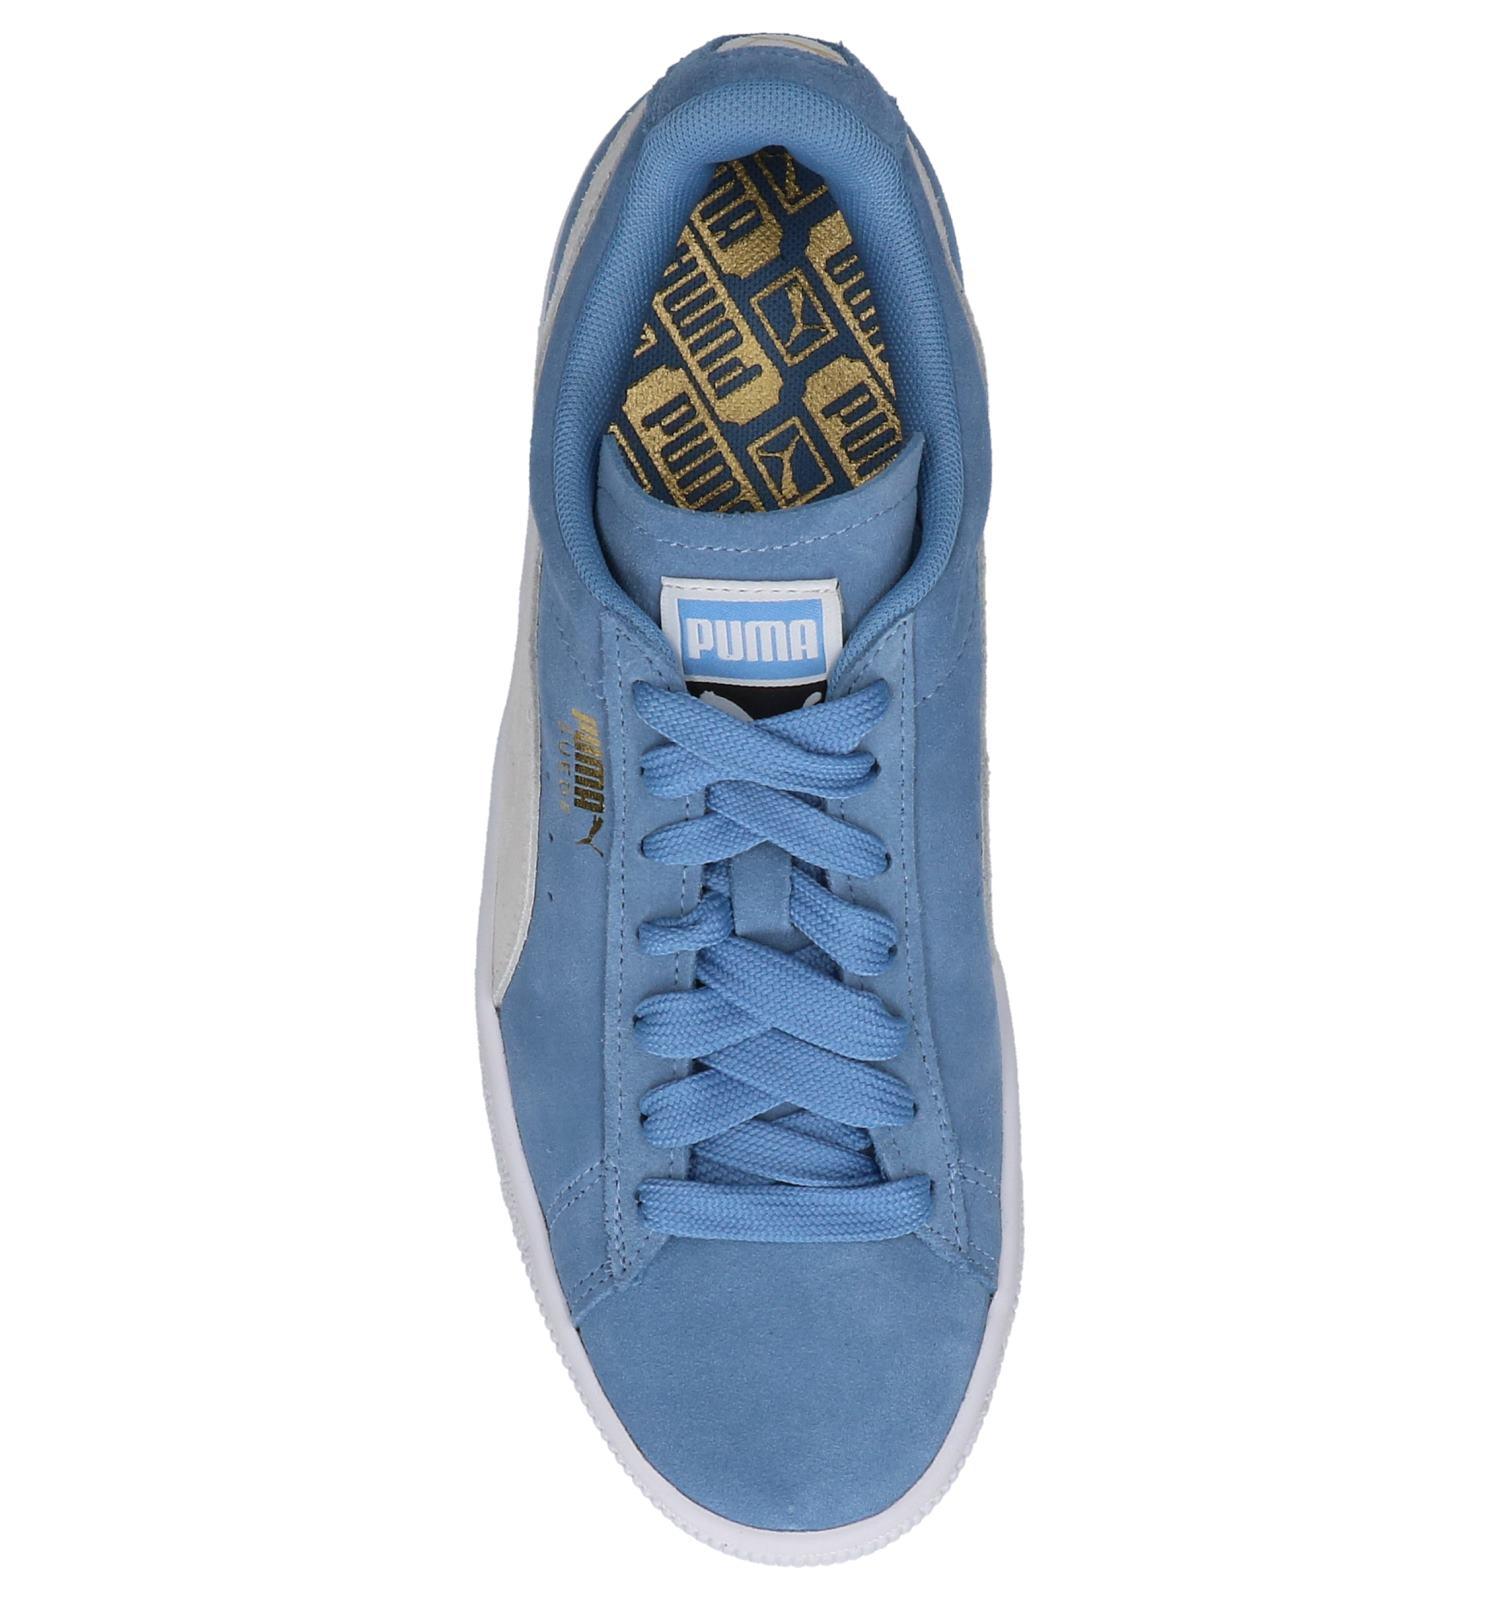 e394d4748a6 Lage Sneakers Licht Blauw Puma Suede Classic | TORFS.BE | Gratis verzend en  retour